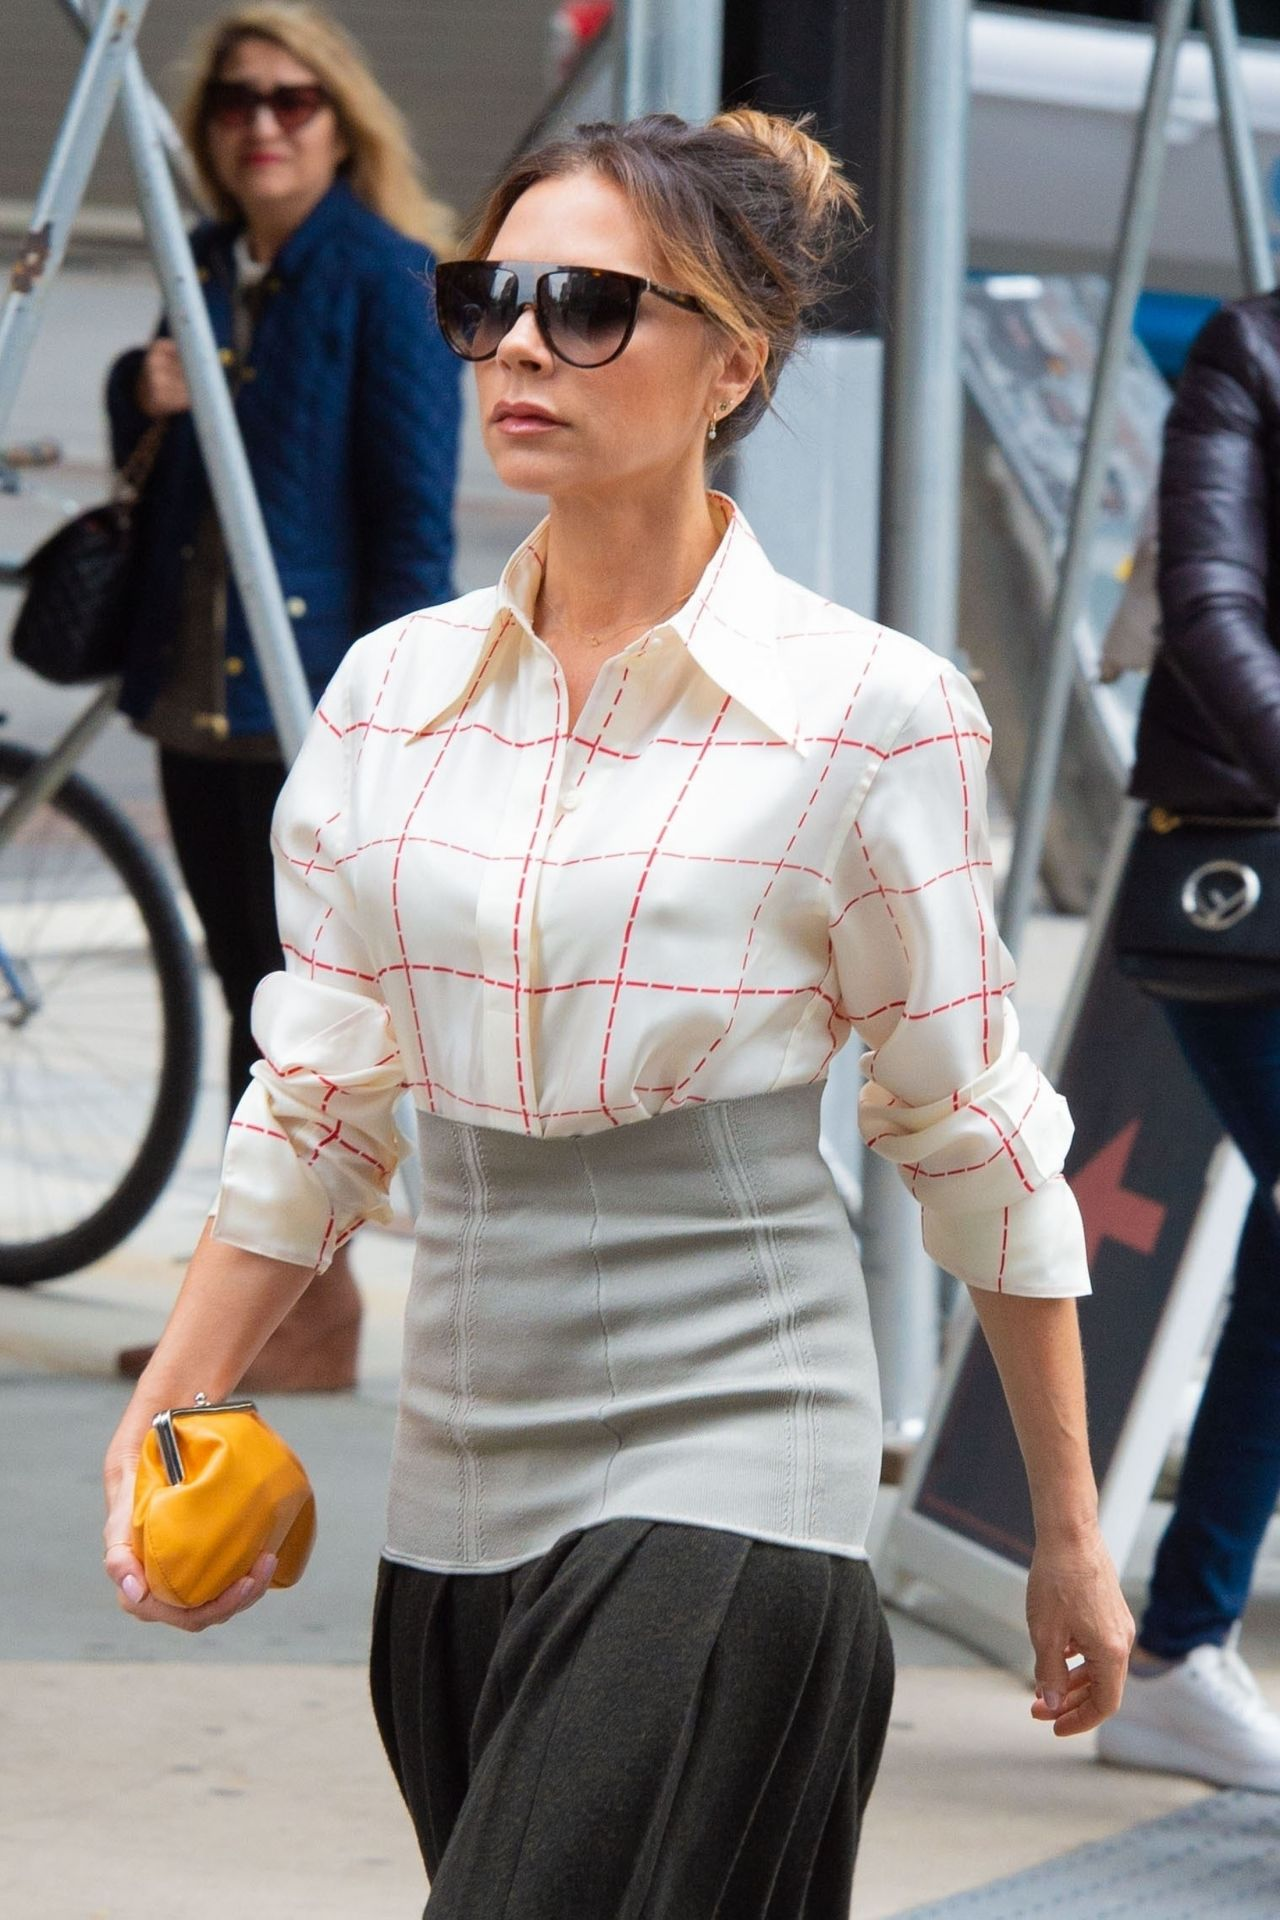 2019年5月9日,维多利亚·贝克汉姆(Victoria Beckham)现身纽约